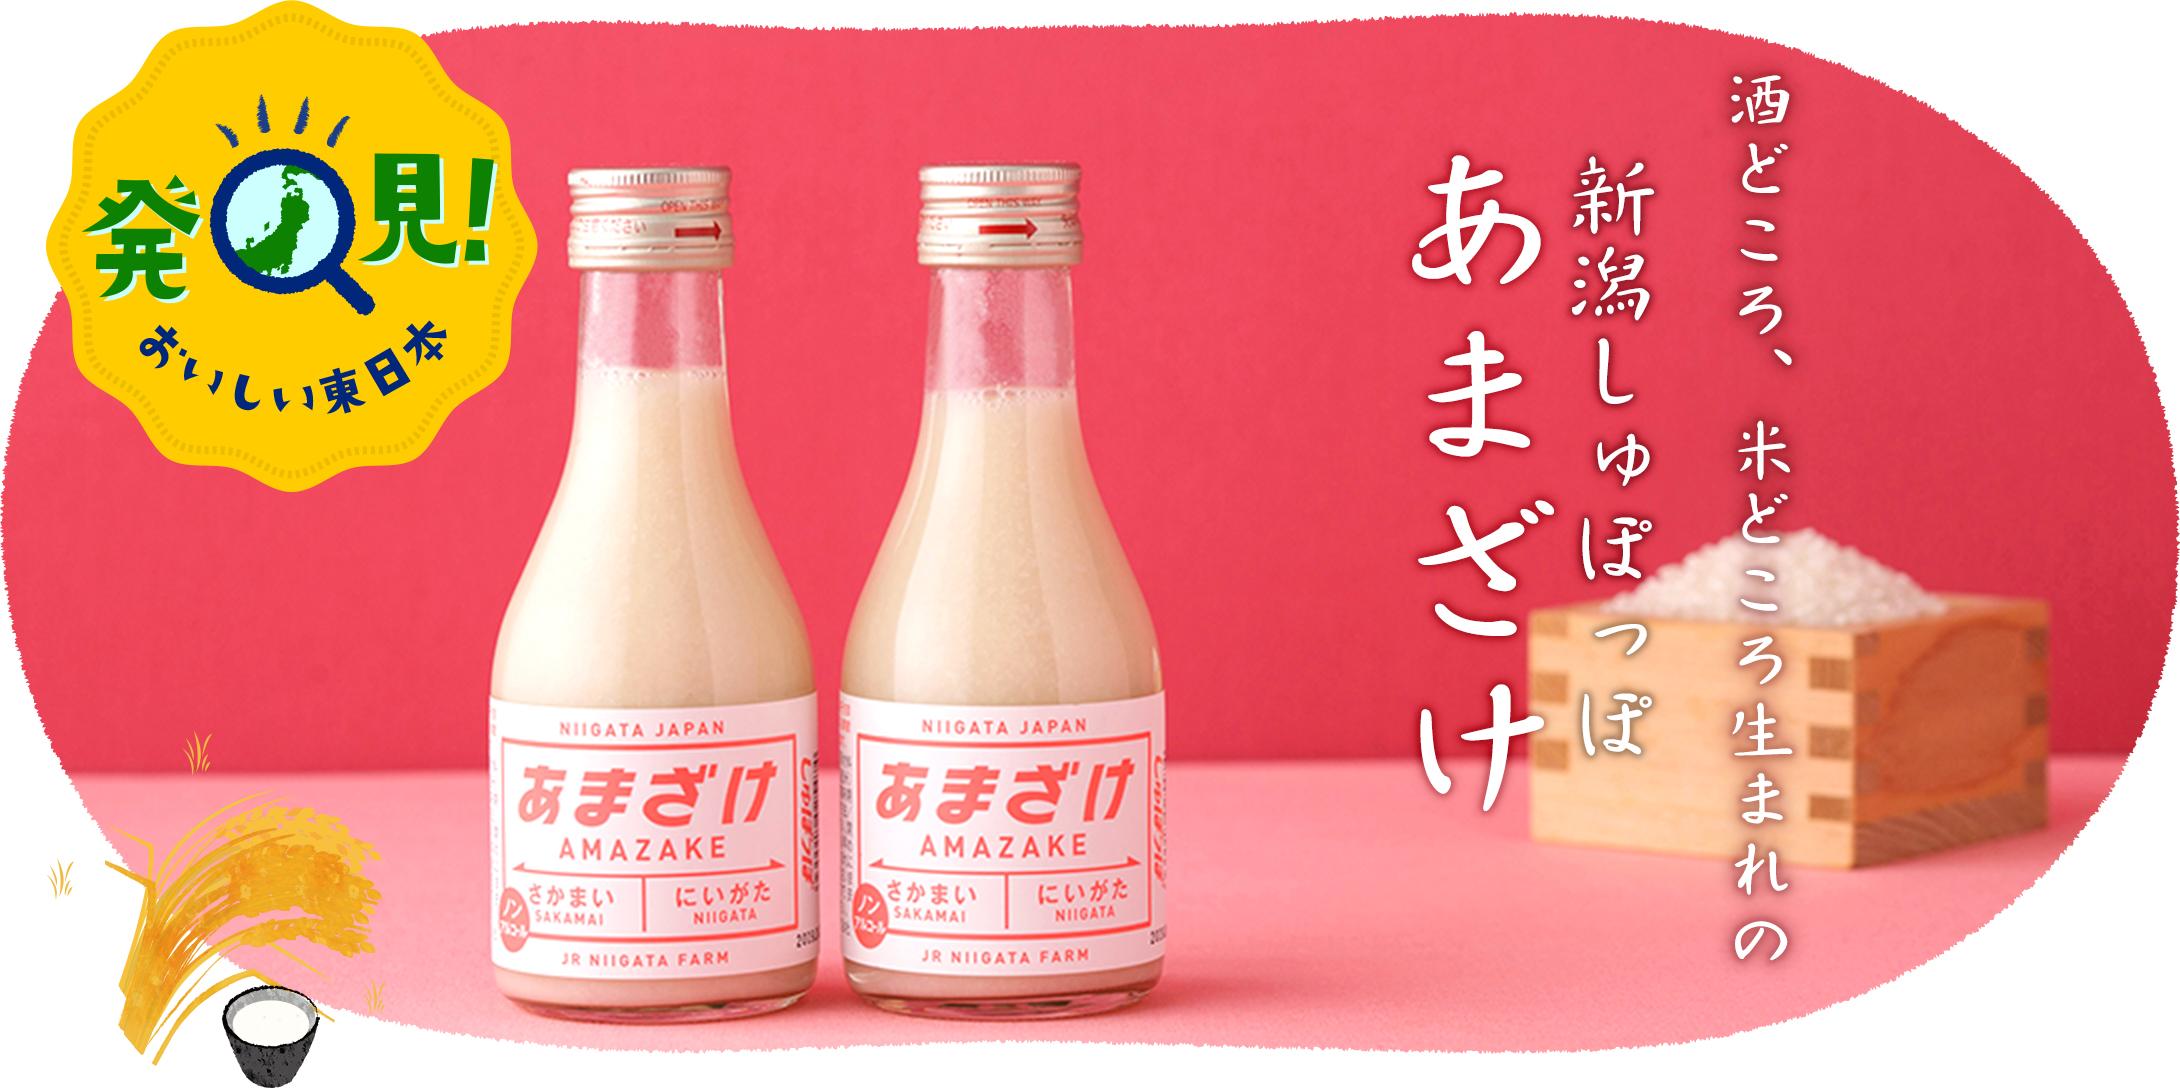 発見!おいしい東日本 酒どころ、米どころ生まれの新潟しゅぽっぽ あまざけ